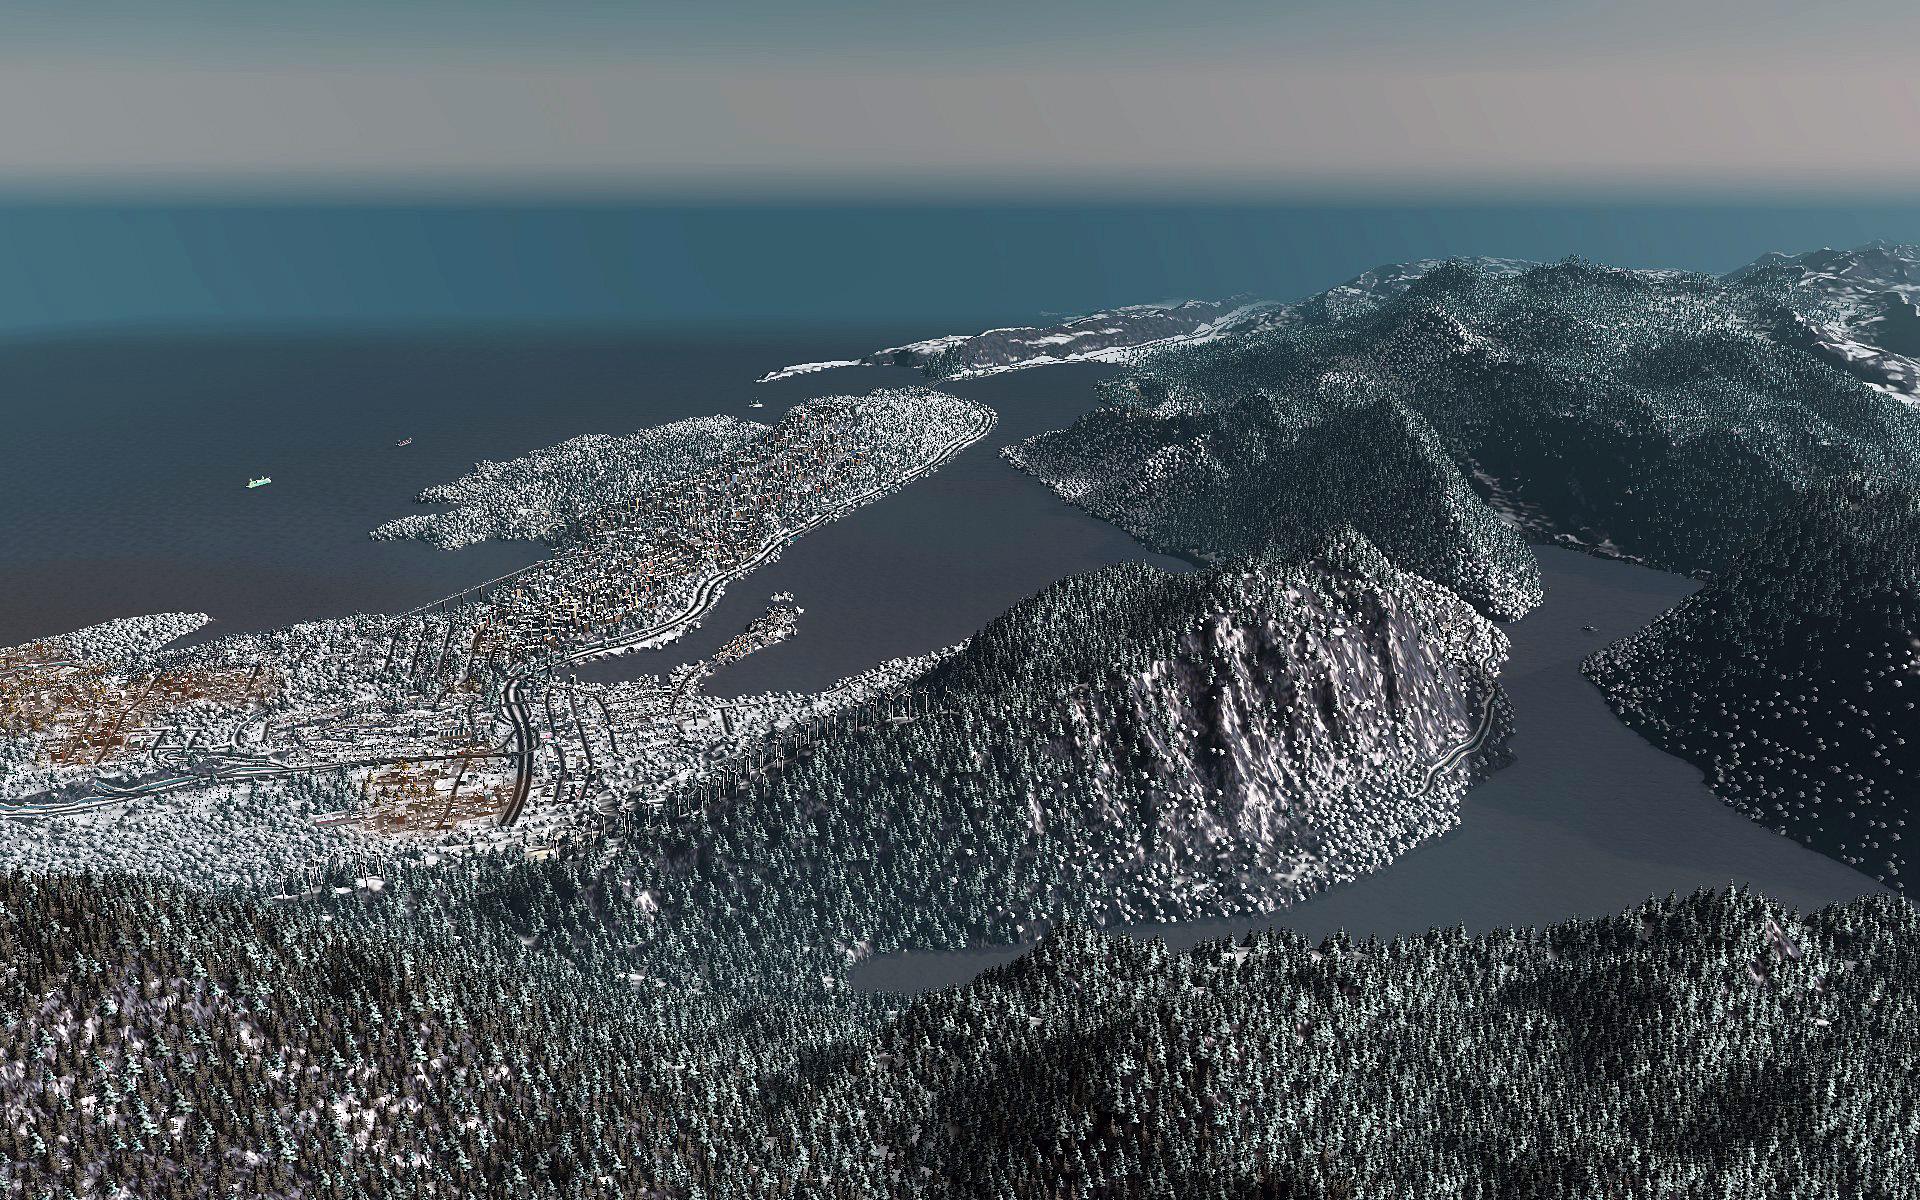 [CS] Dalmatia - Sur carte de base base des Bouches de Kotor, Monténégro - Page 2 20160330044903_1